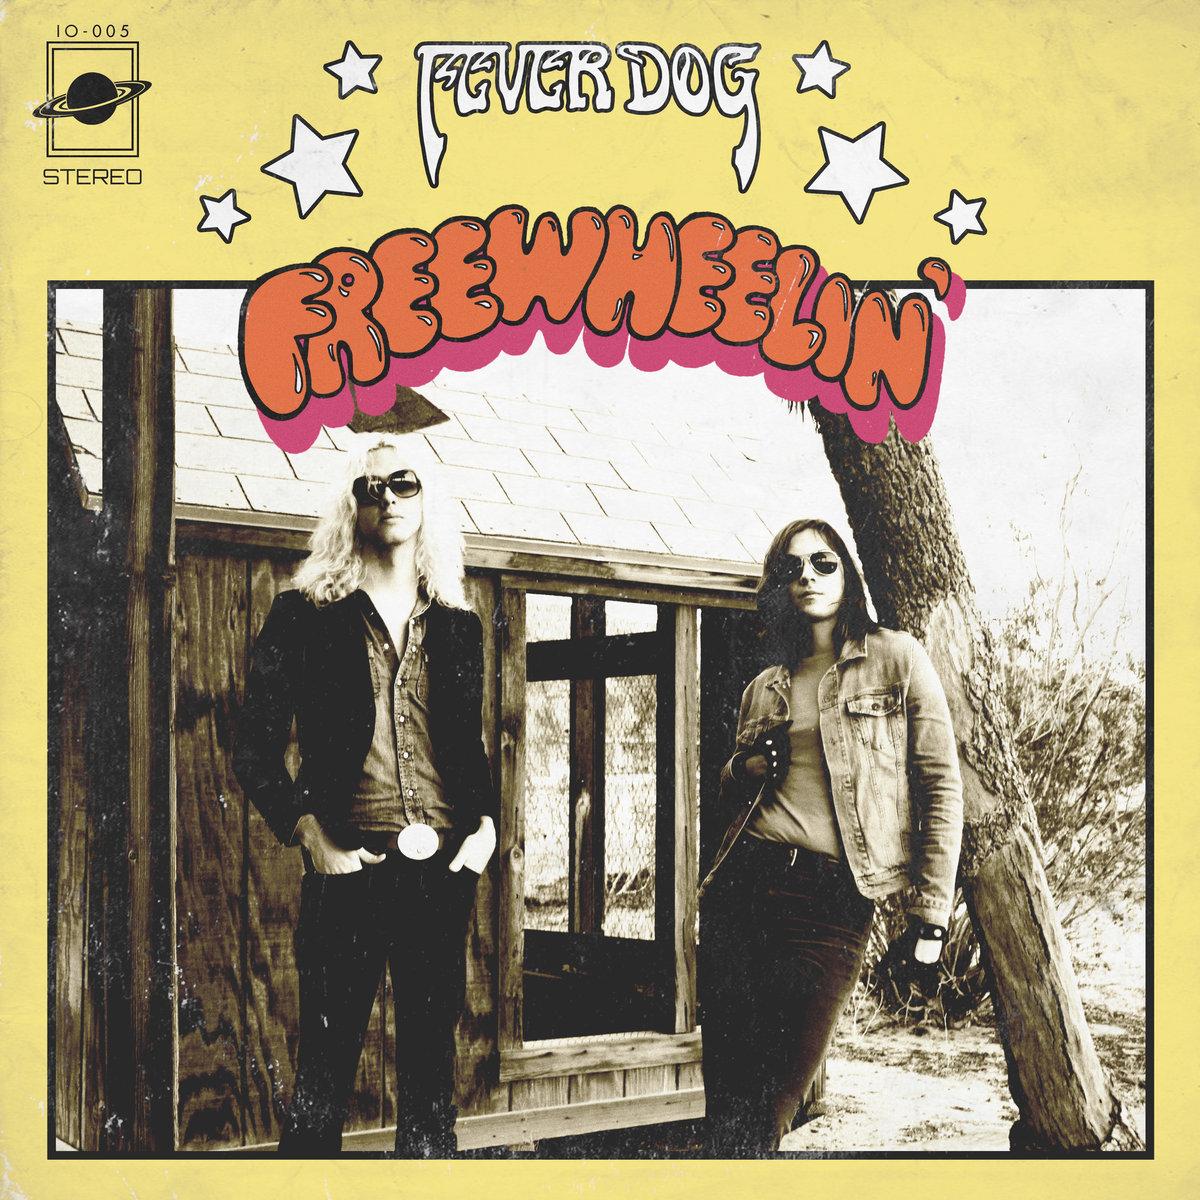 fever dog freewheelin